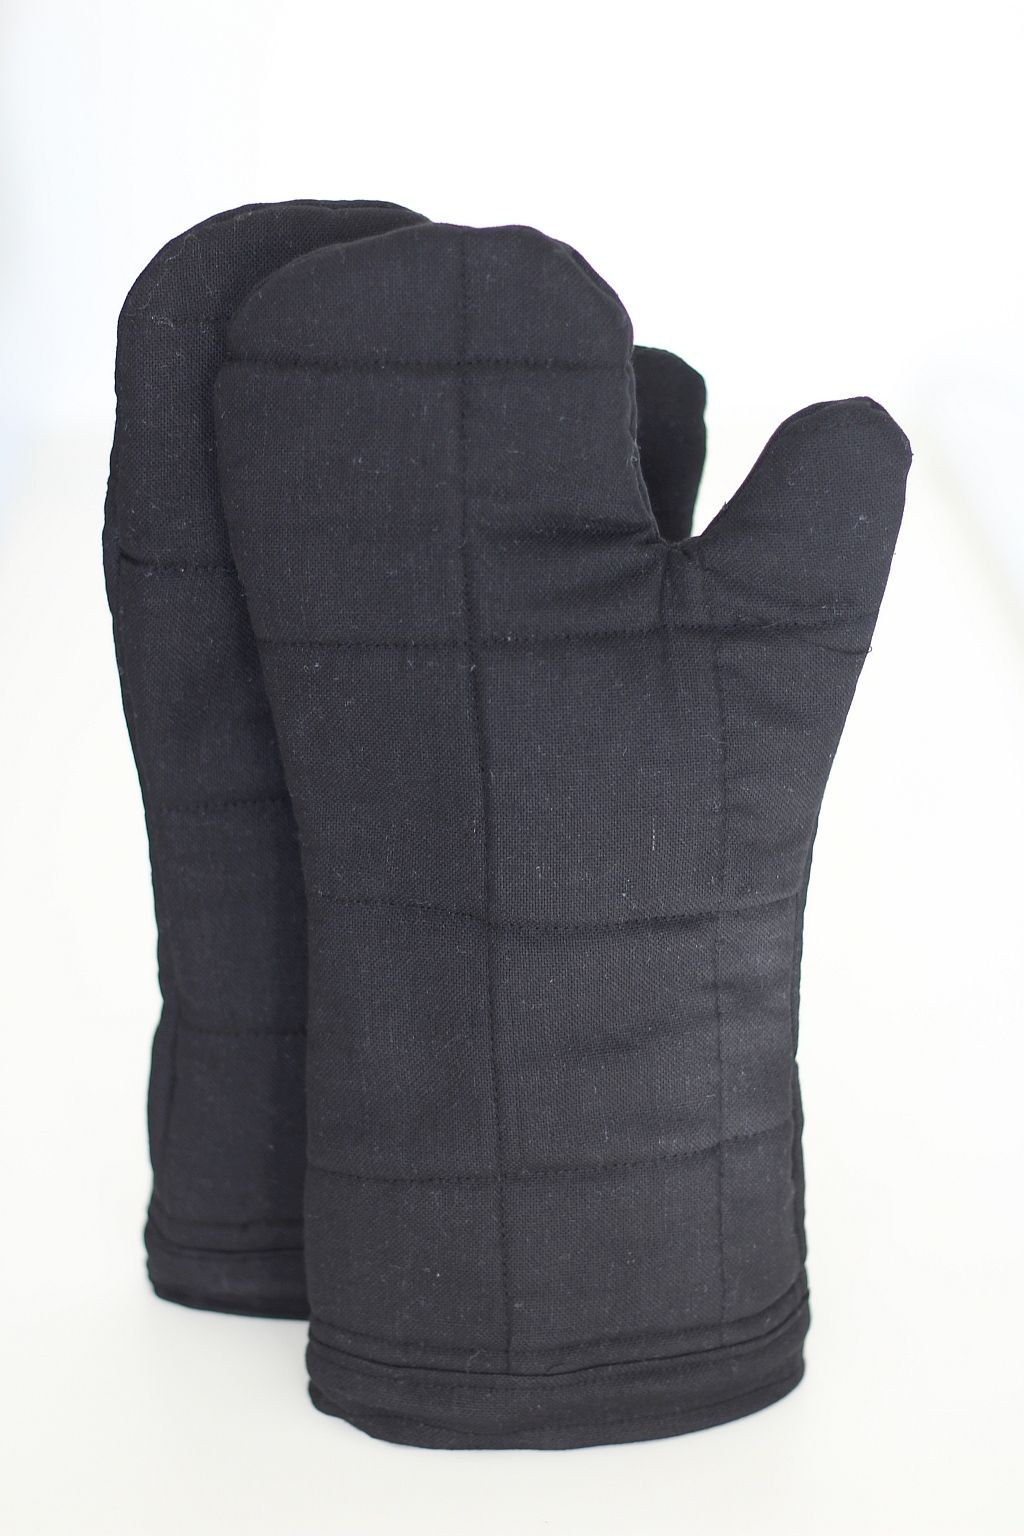 DIY Oven Gloves